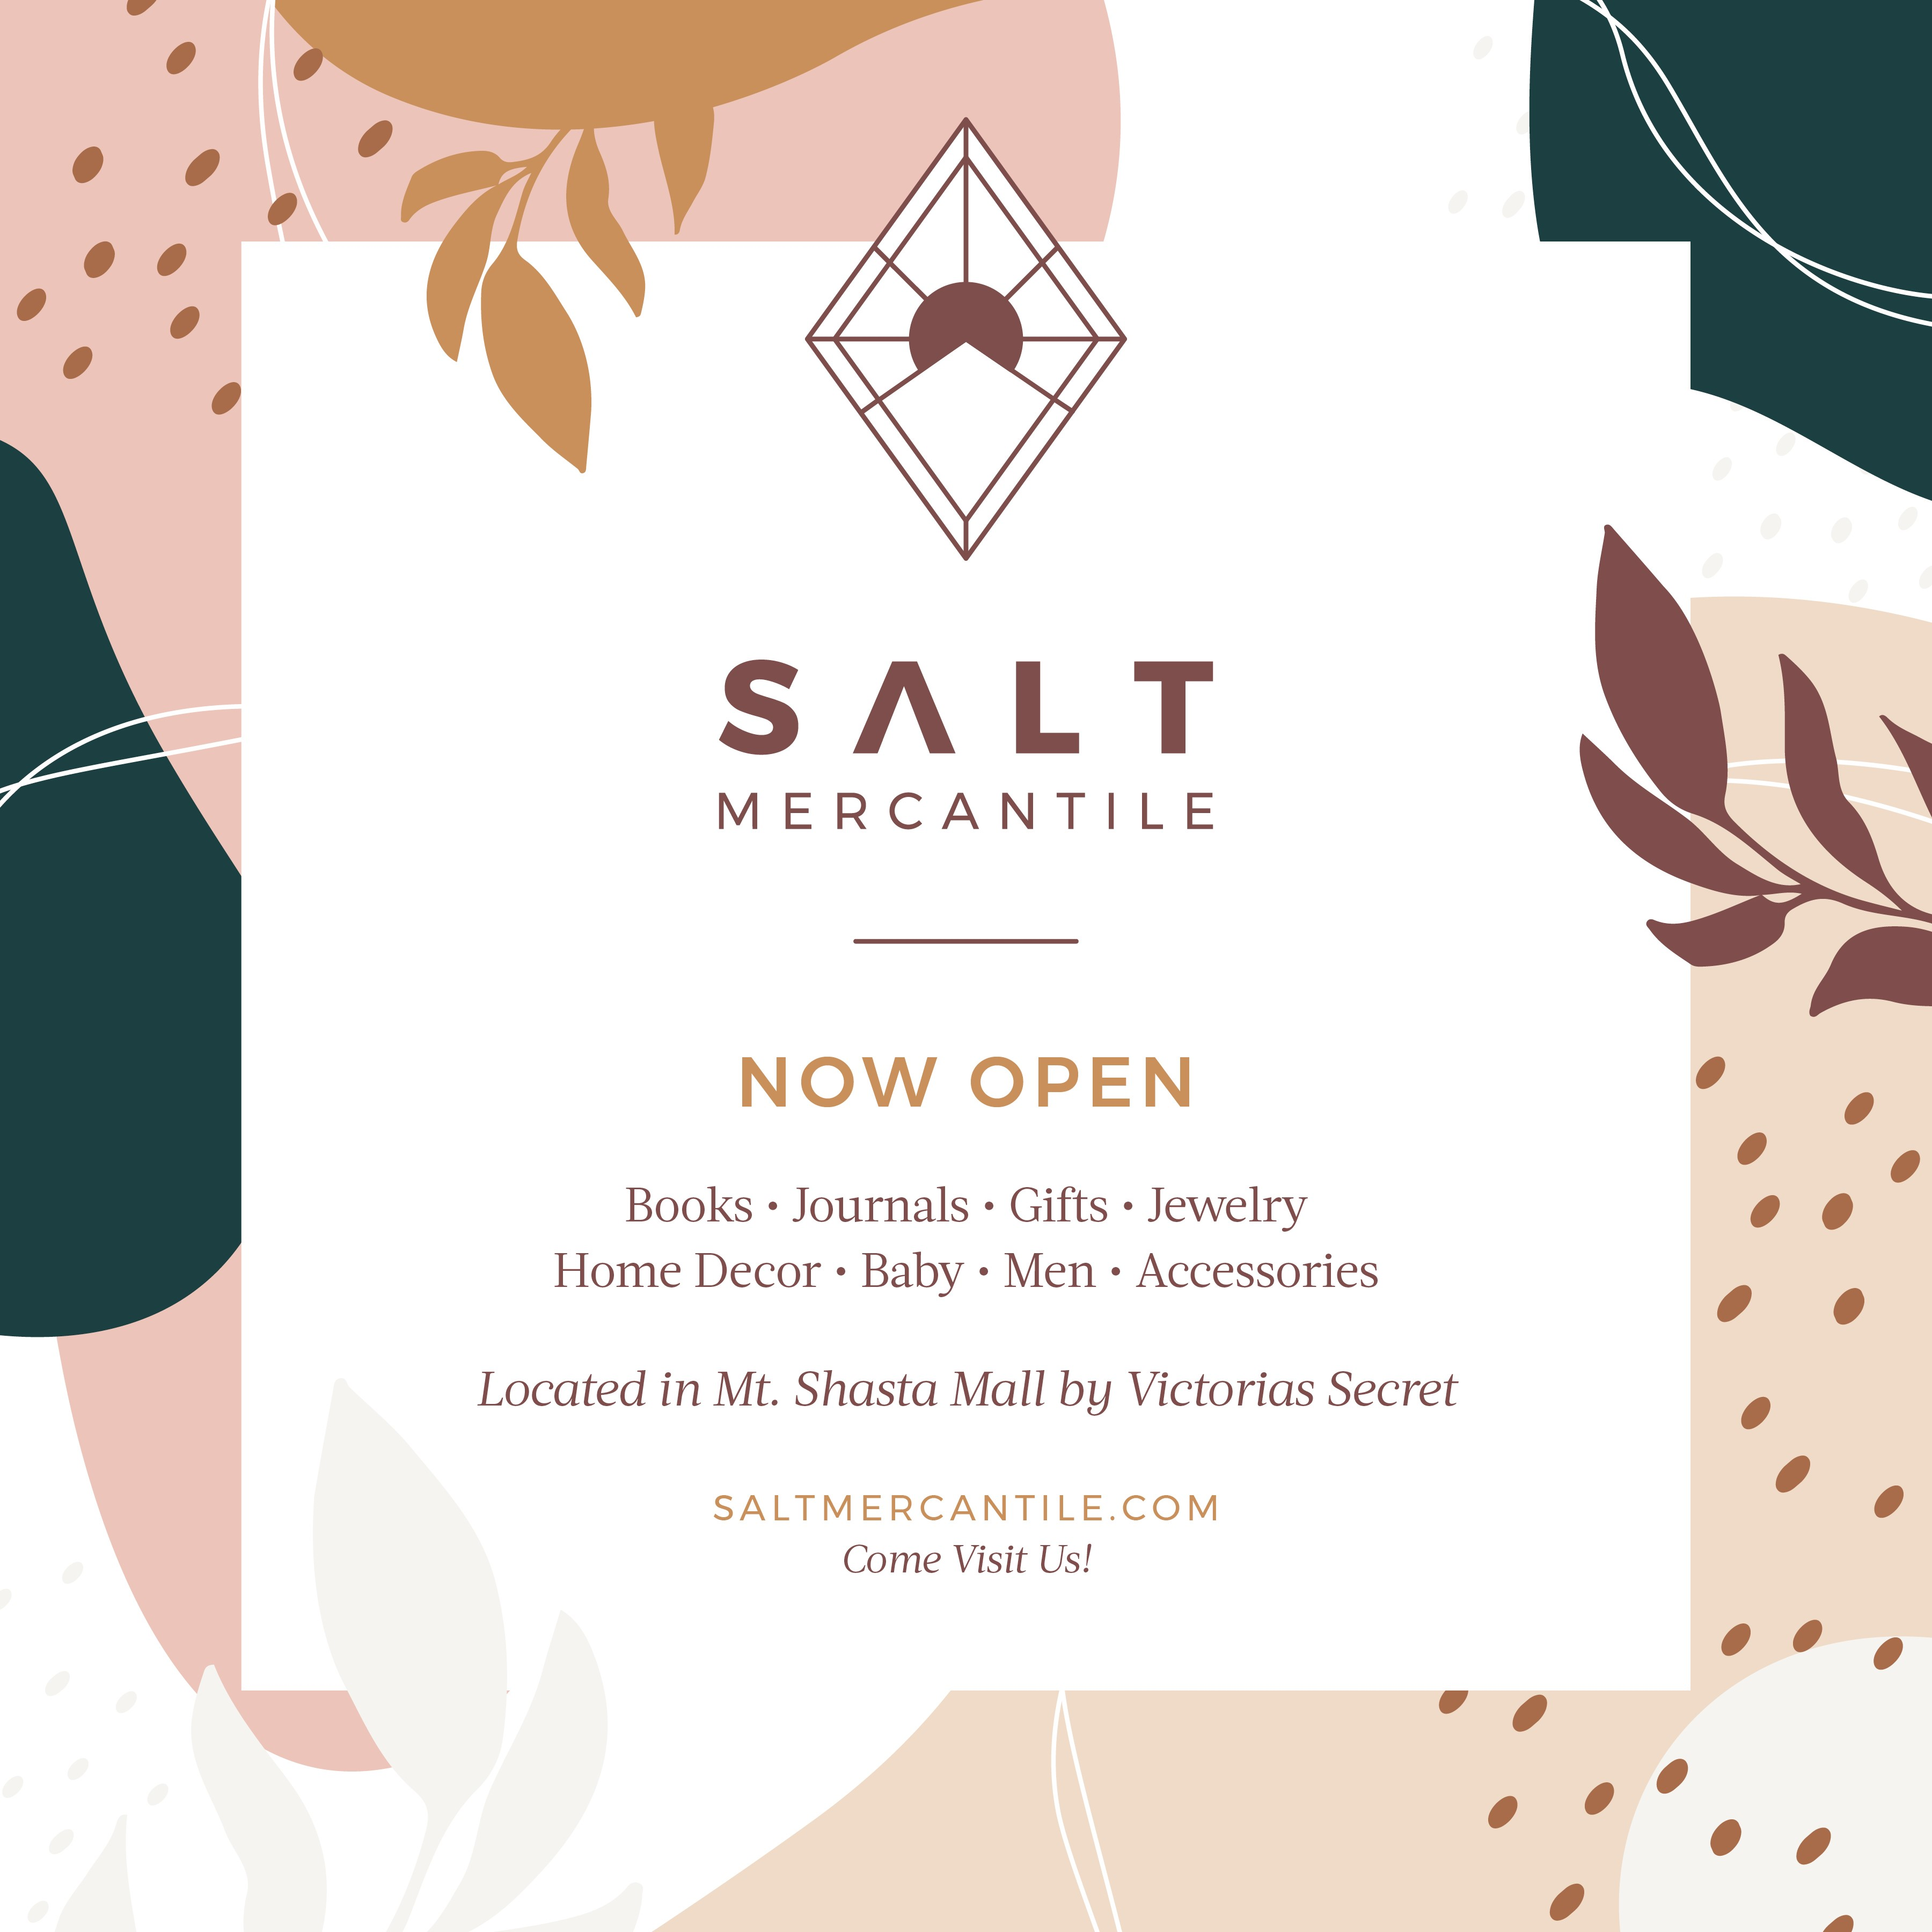 Salt Mercantile